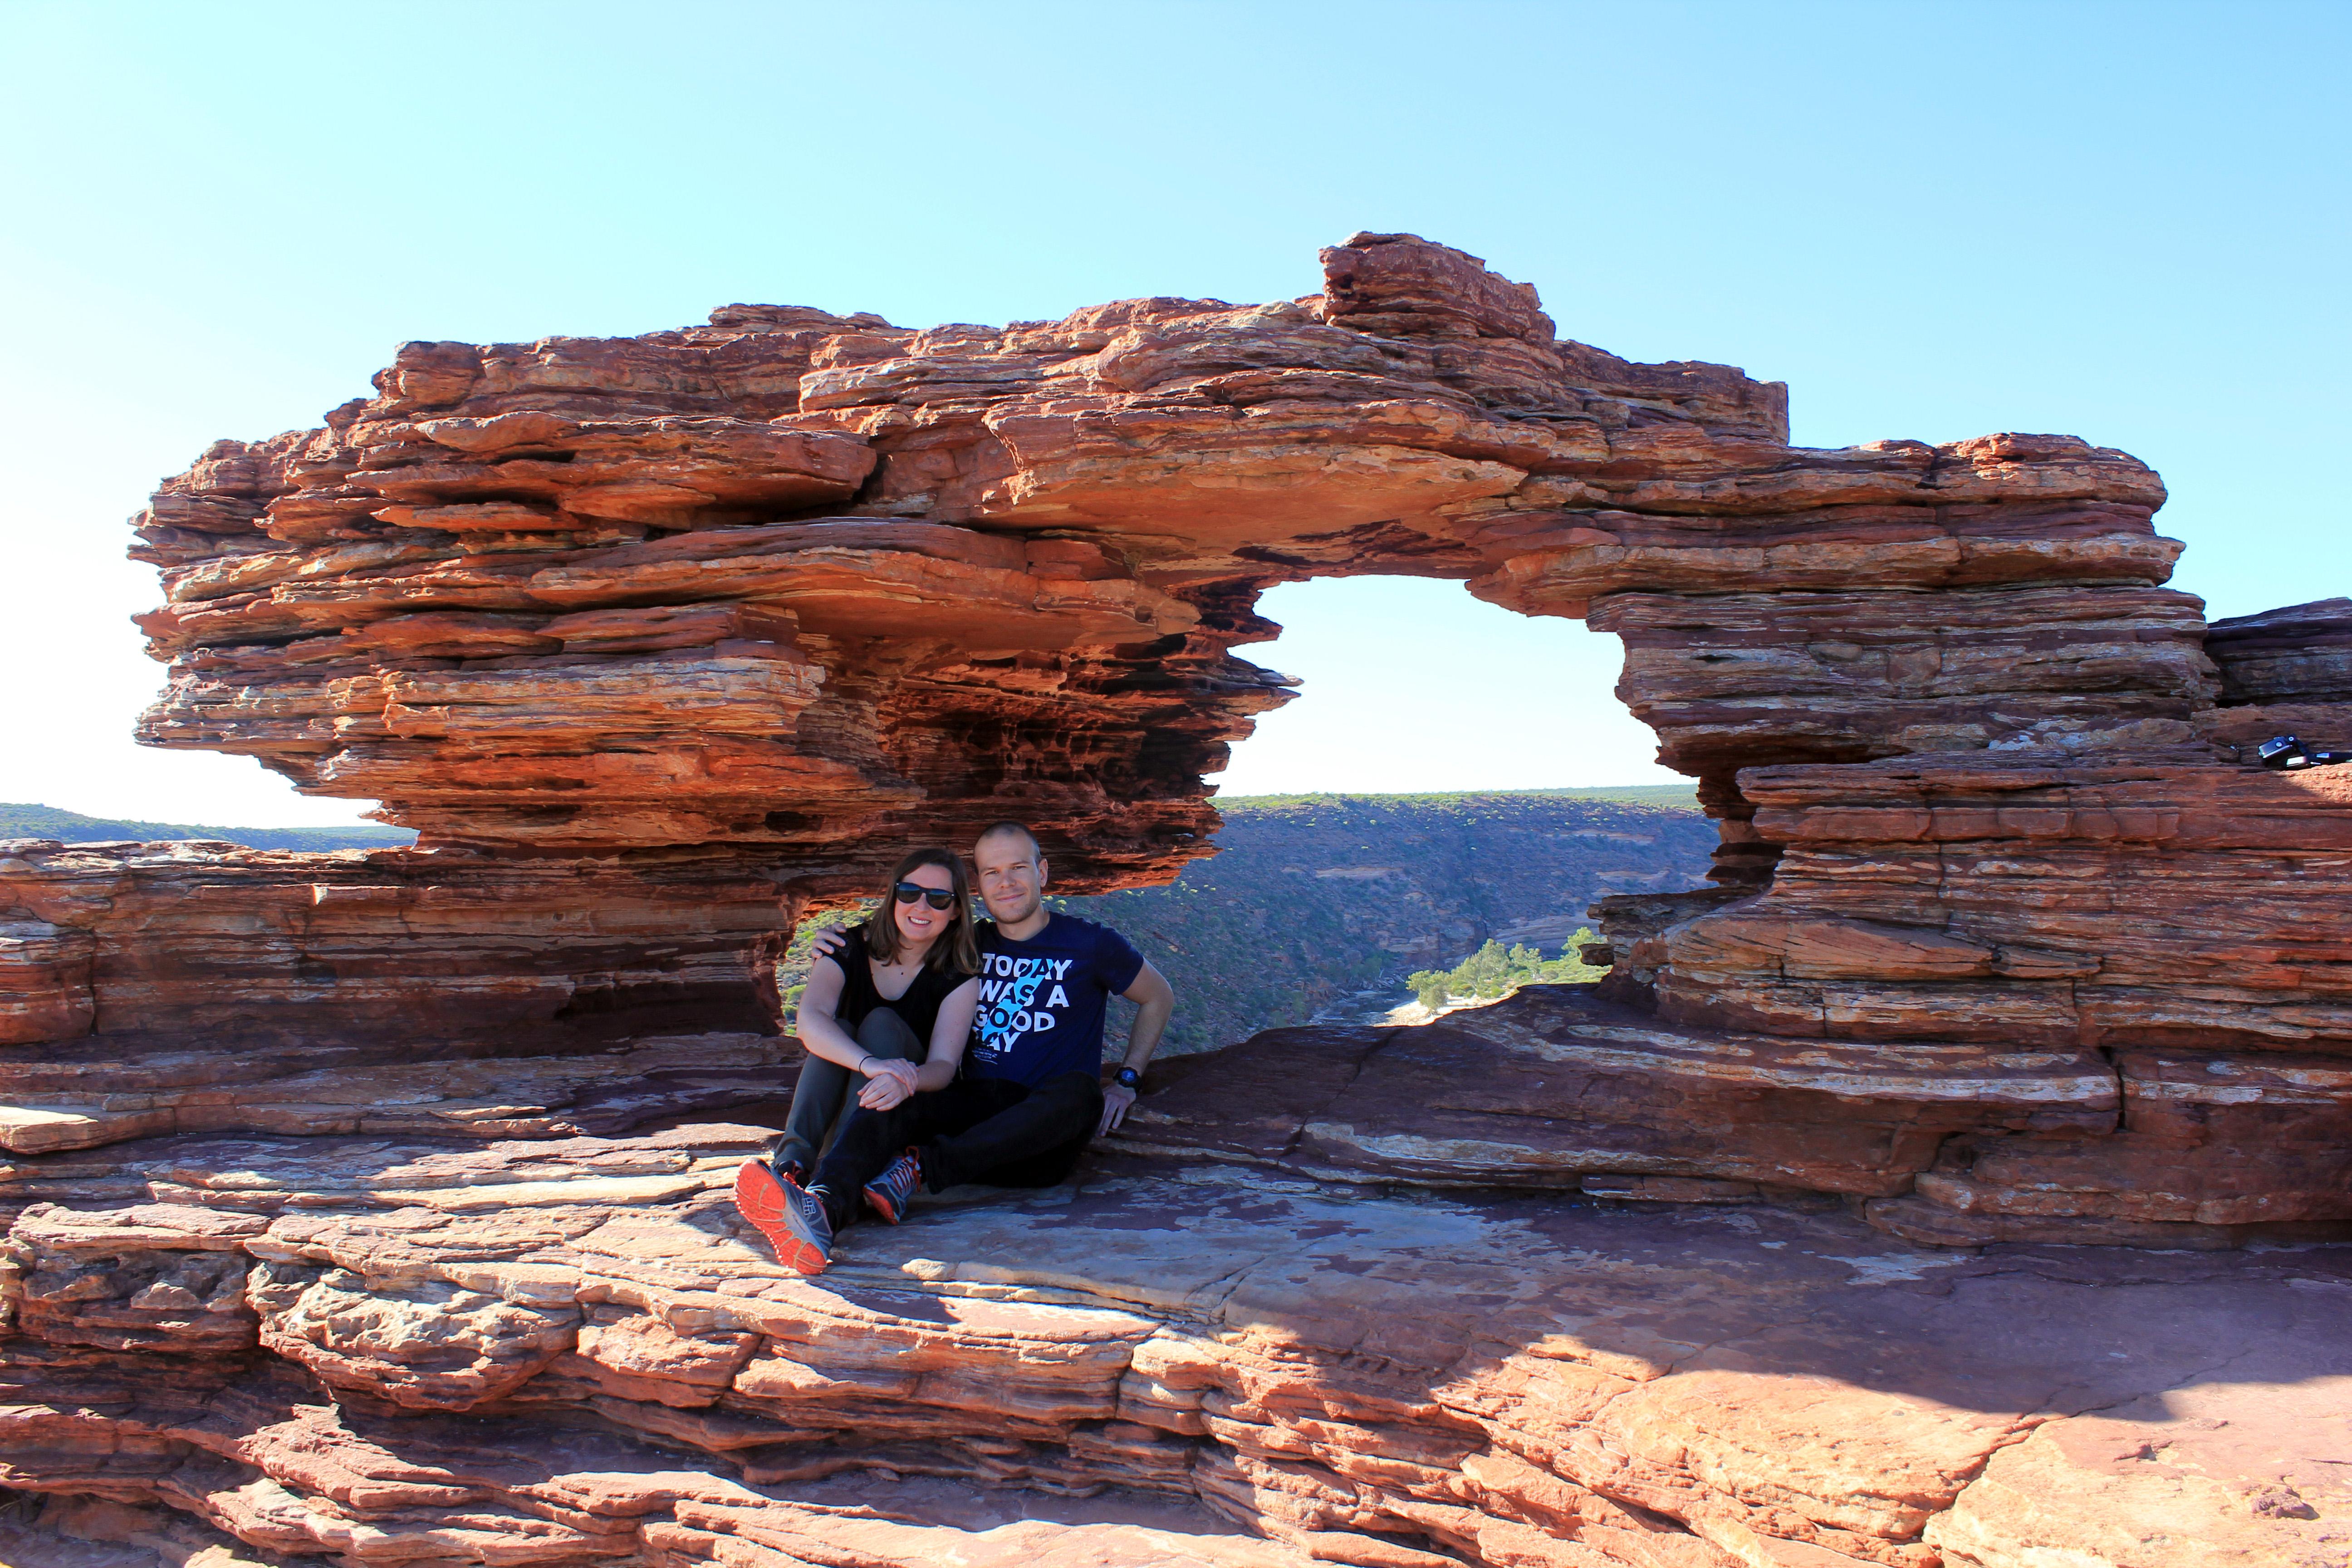 Récit d'un road-trip sur la côte ouest de l'Australie